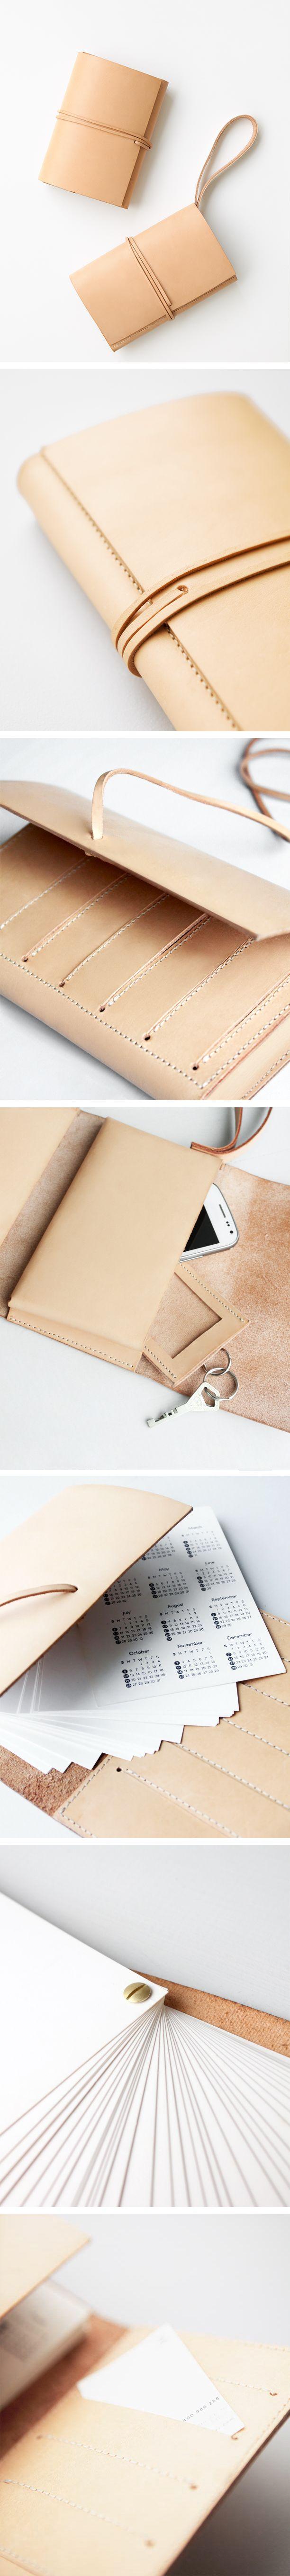 Big bag collection- minttu somervuori calendar/notebook and a wallet